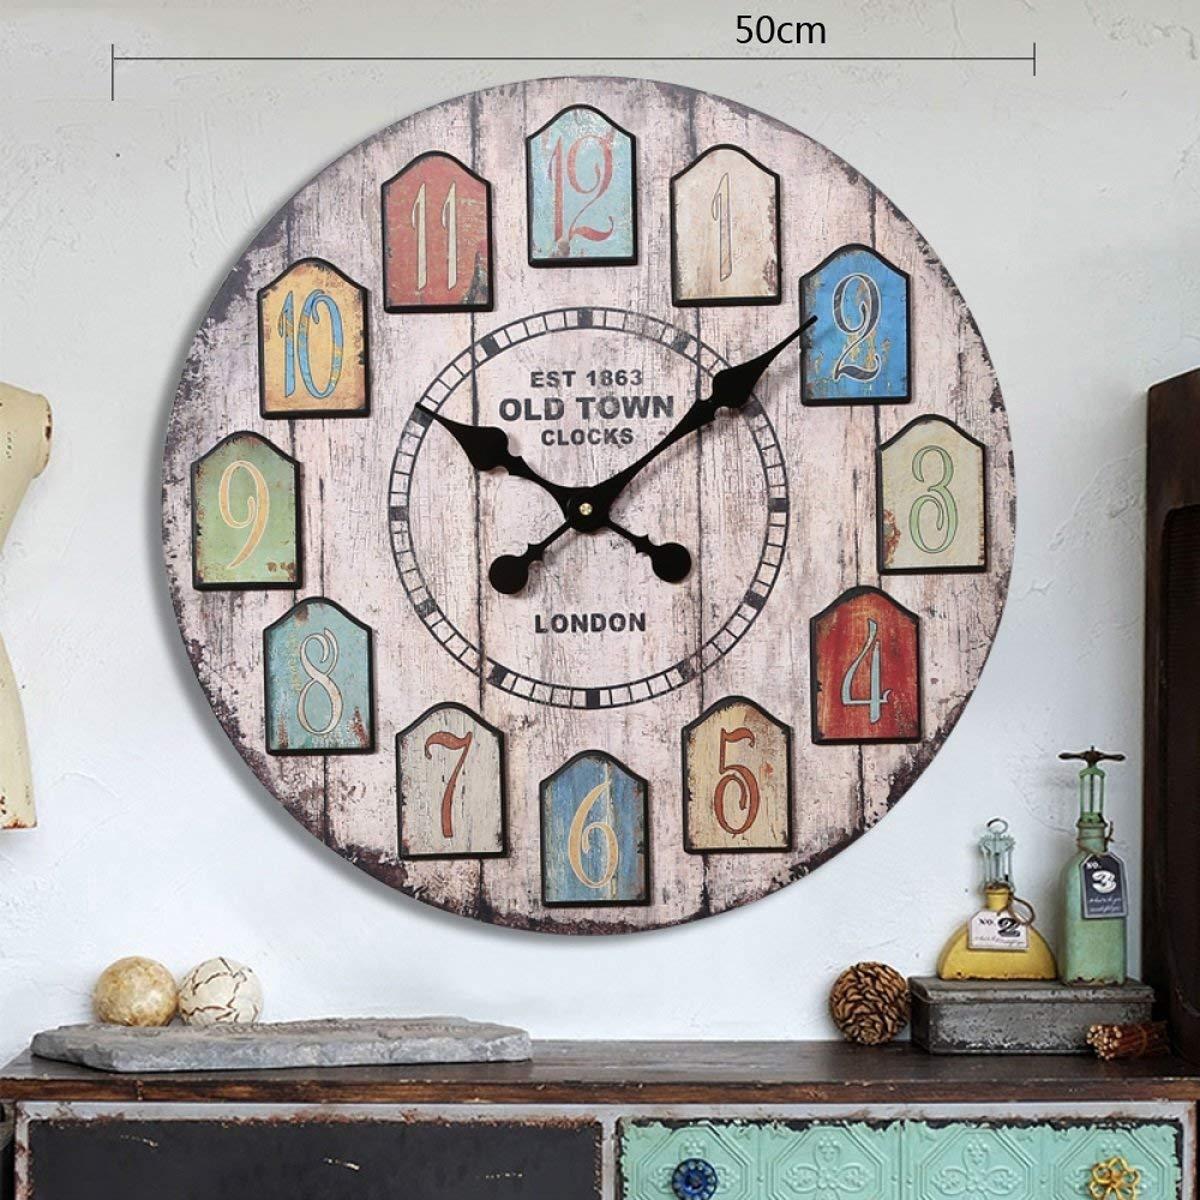 Hermosa y Practica Reloj de Pared Estilo Americano Vintage Village Estilo Industrial Sala de Estar Mural de Madera Colgante (Diámetro 50cm Embalaje de 1) (Color: A) ( Color : B )